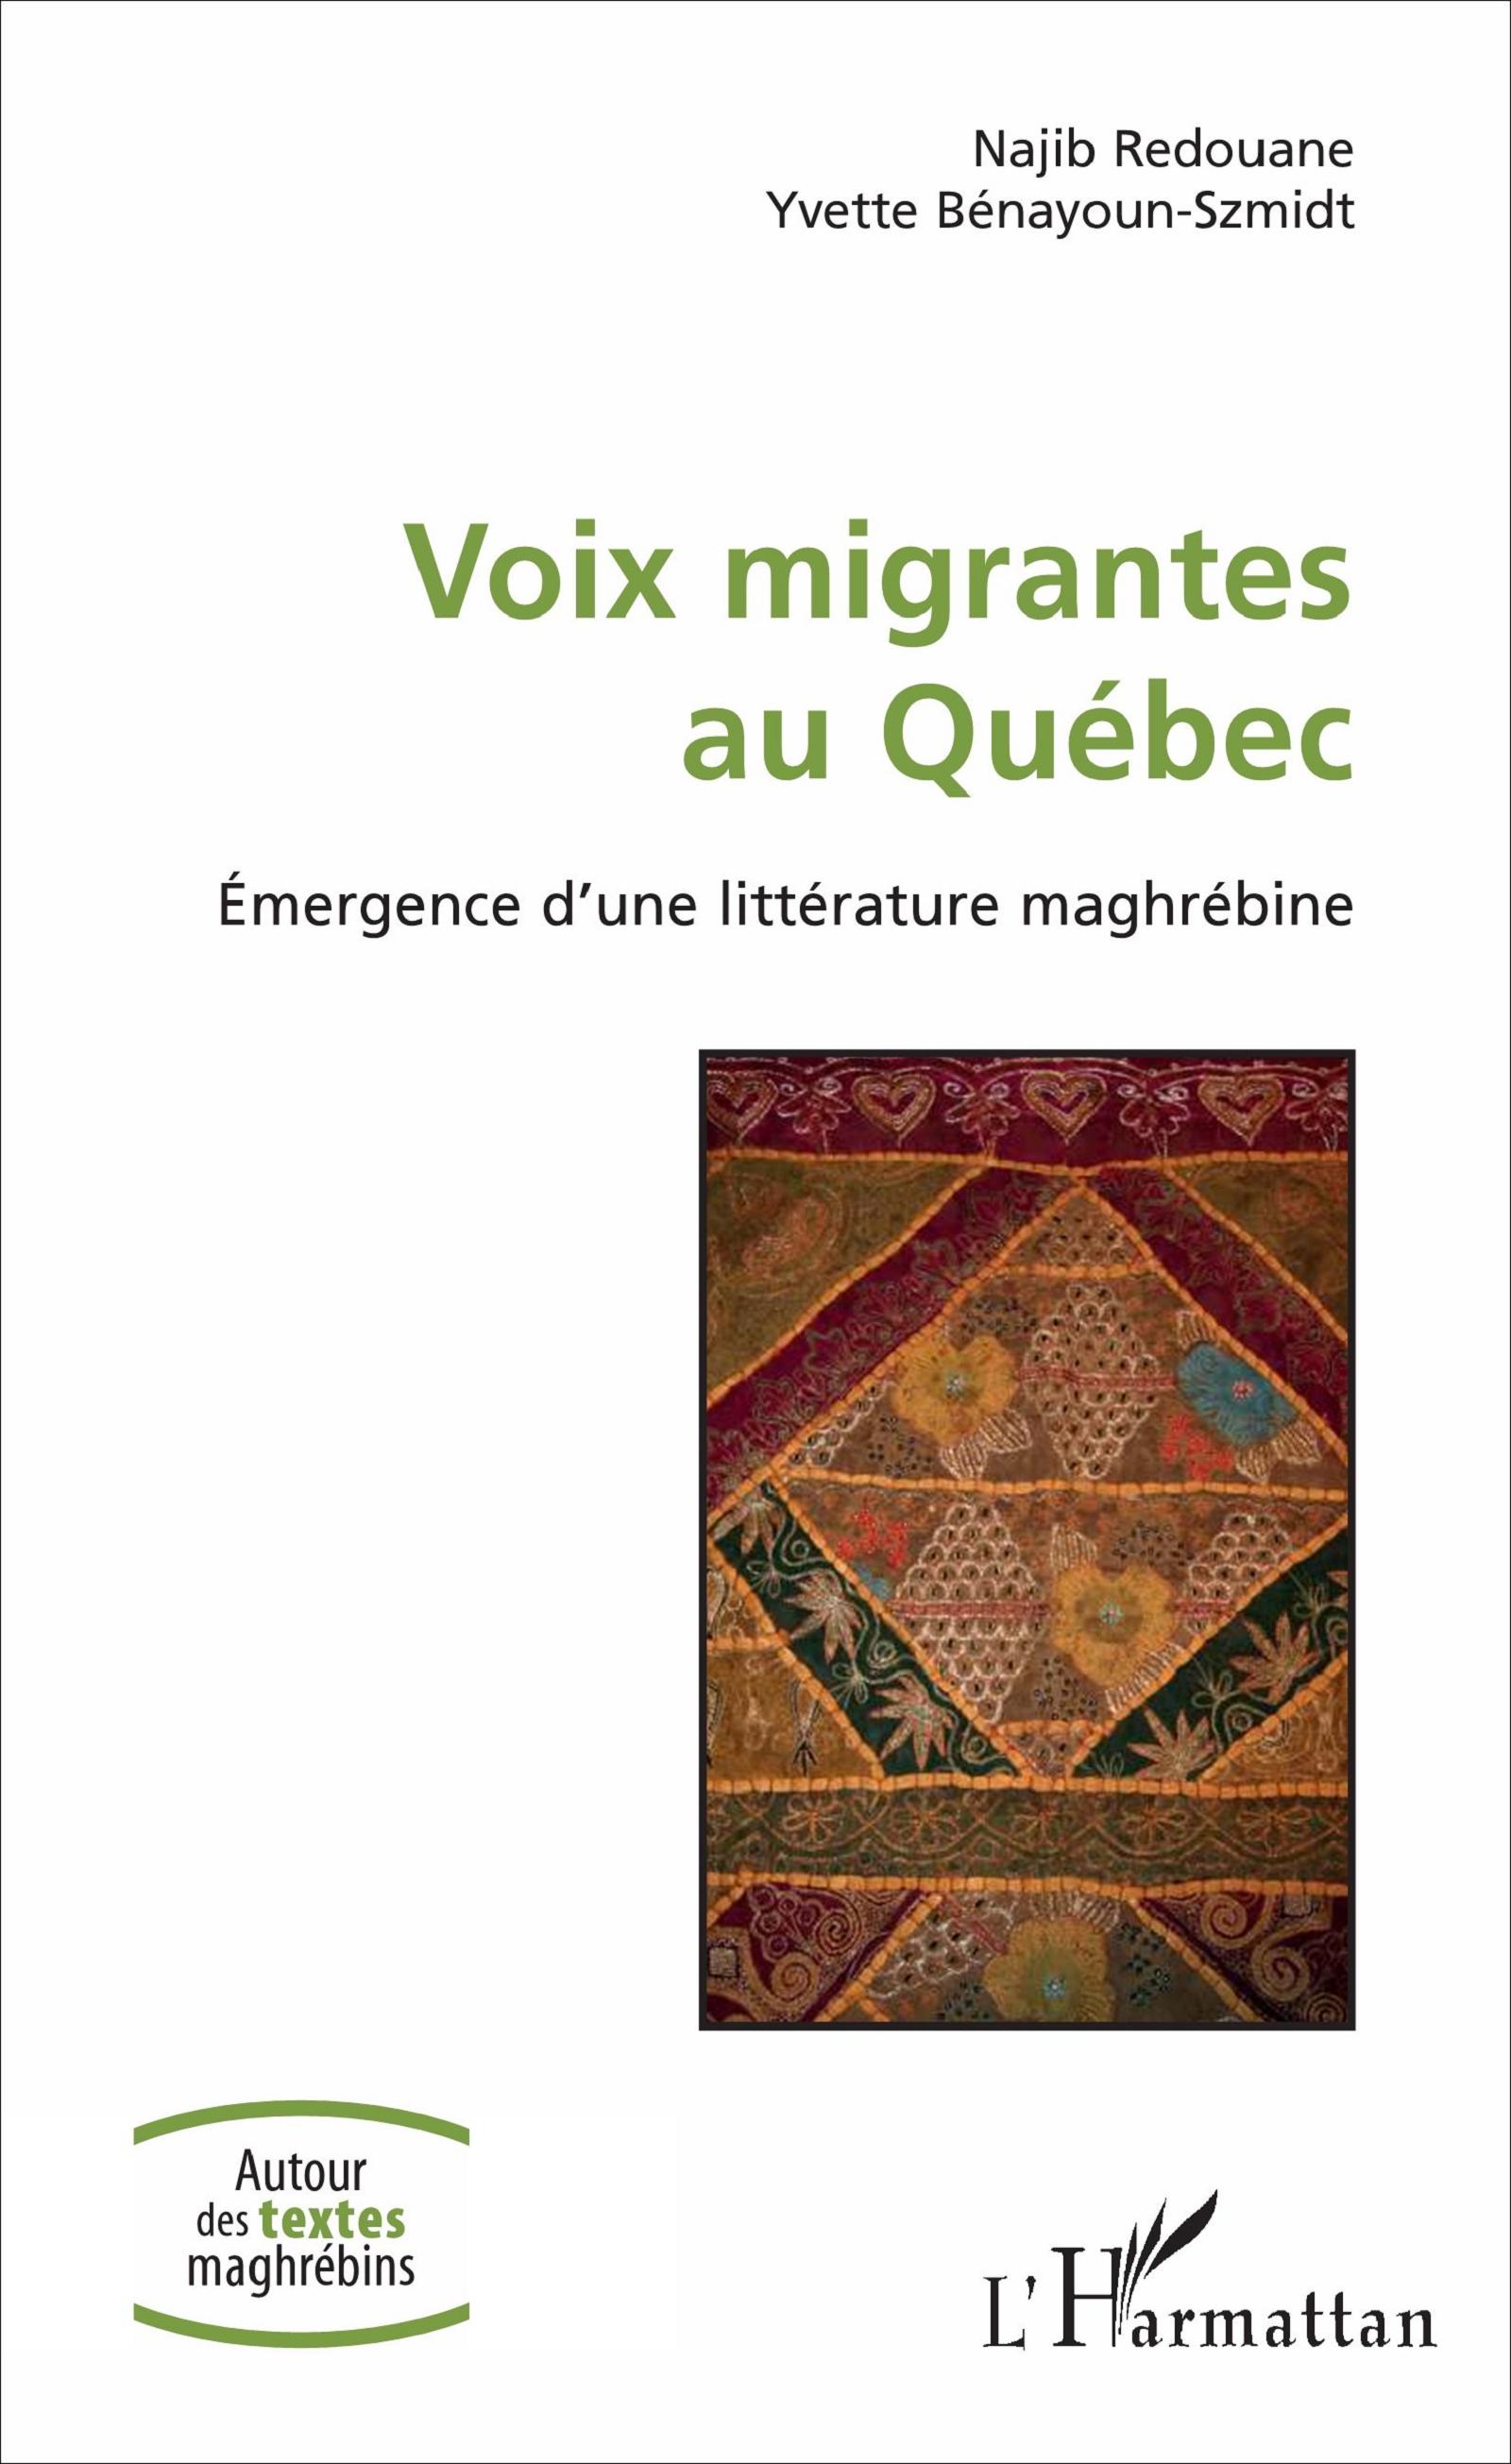 Y. Bénayoun-Szmidt et N. Redouane, Voix migrantes au Québec - Emergence d'une littérature maghrébine